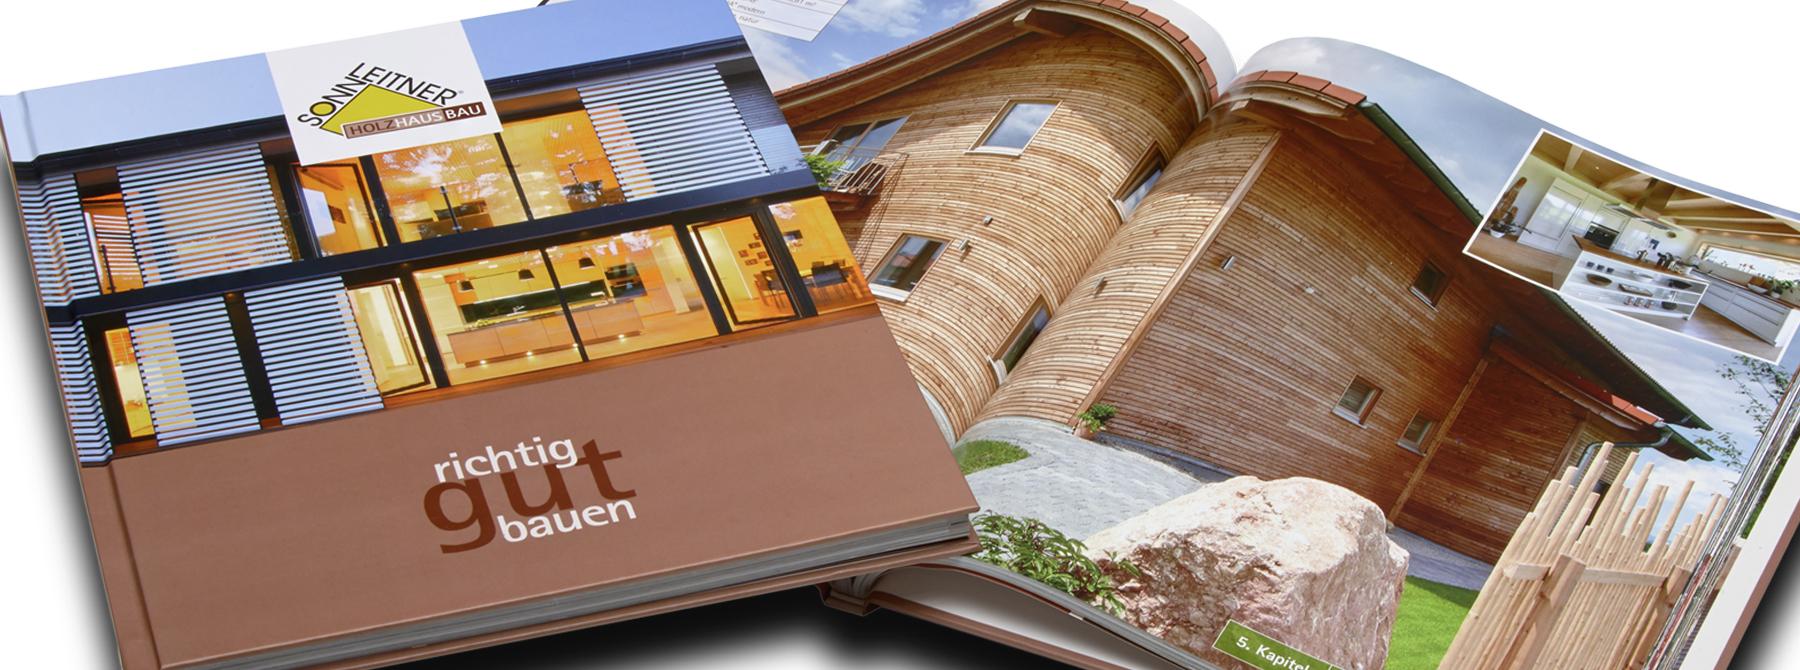 ^ Bauherren-atgeberbuch 'ichtig gut bauen' - Sonnleitner.de ...